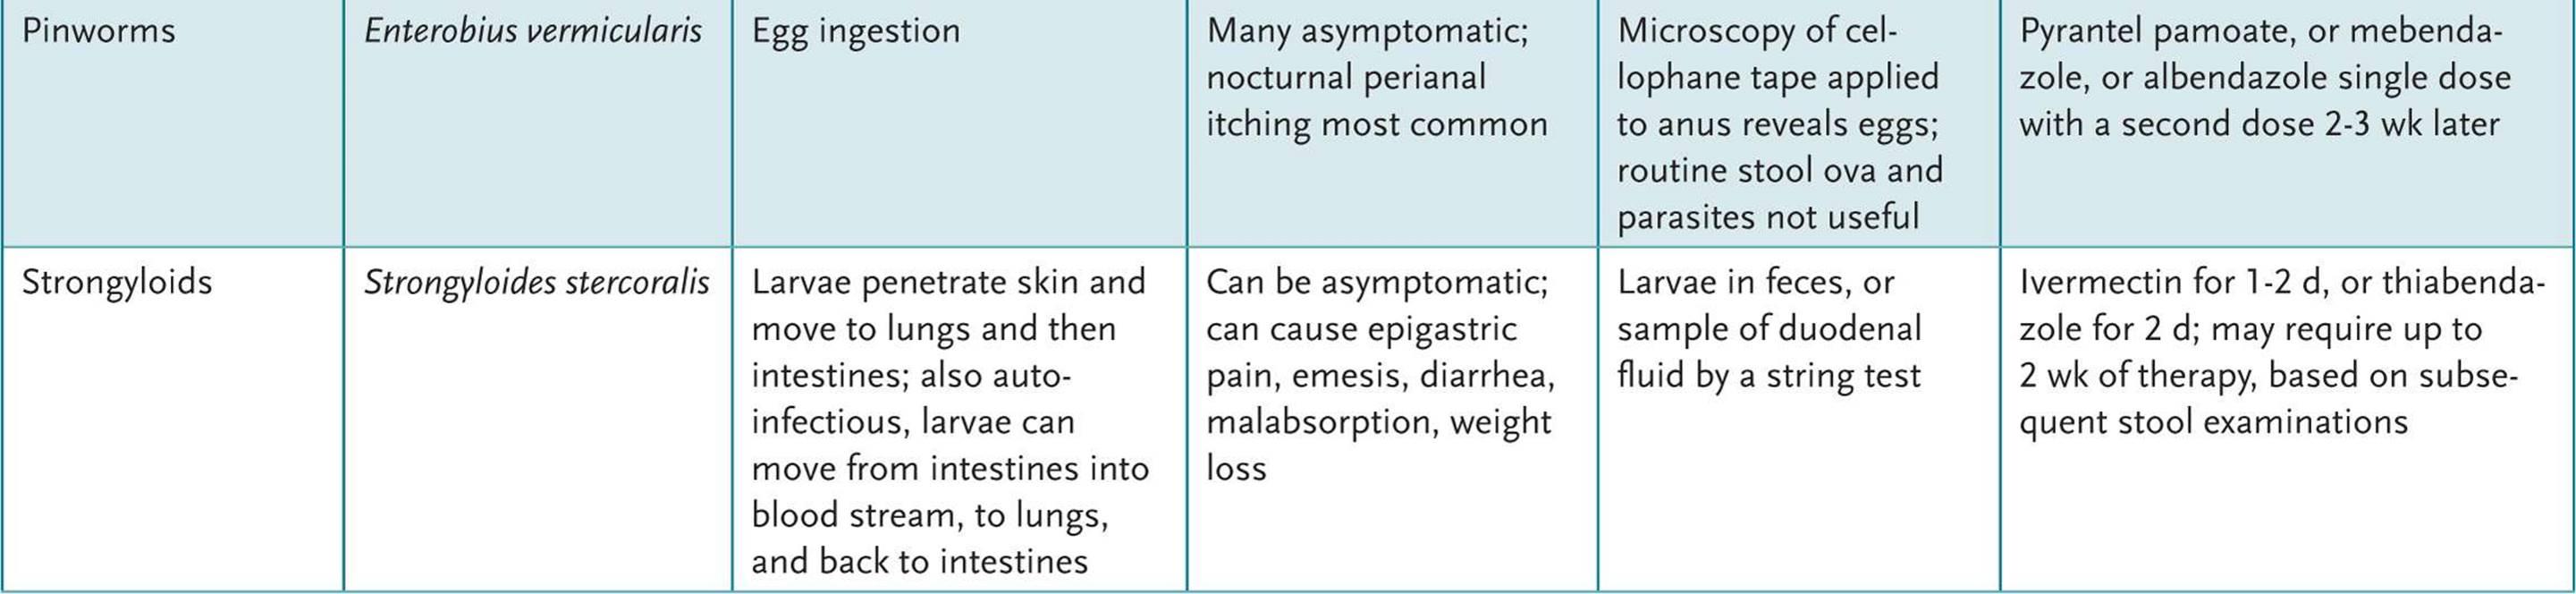 Anemie hiposideremica - Facilitati de tratament